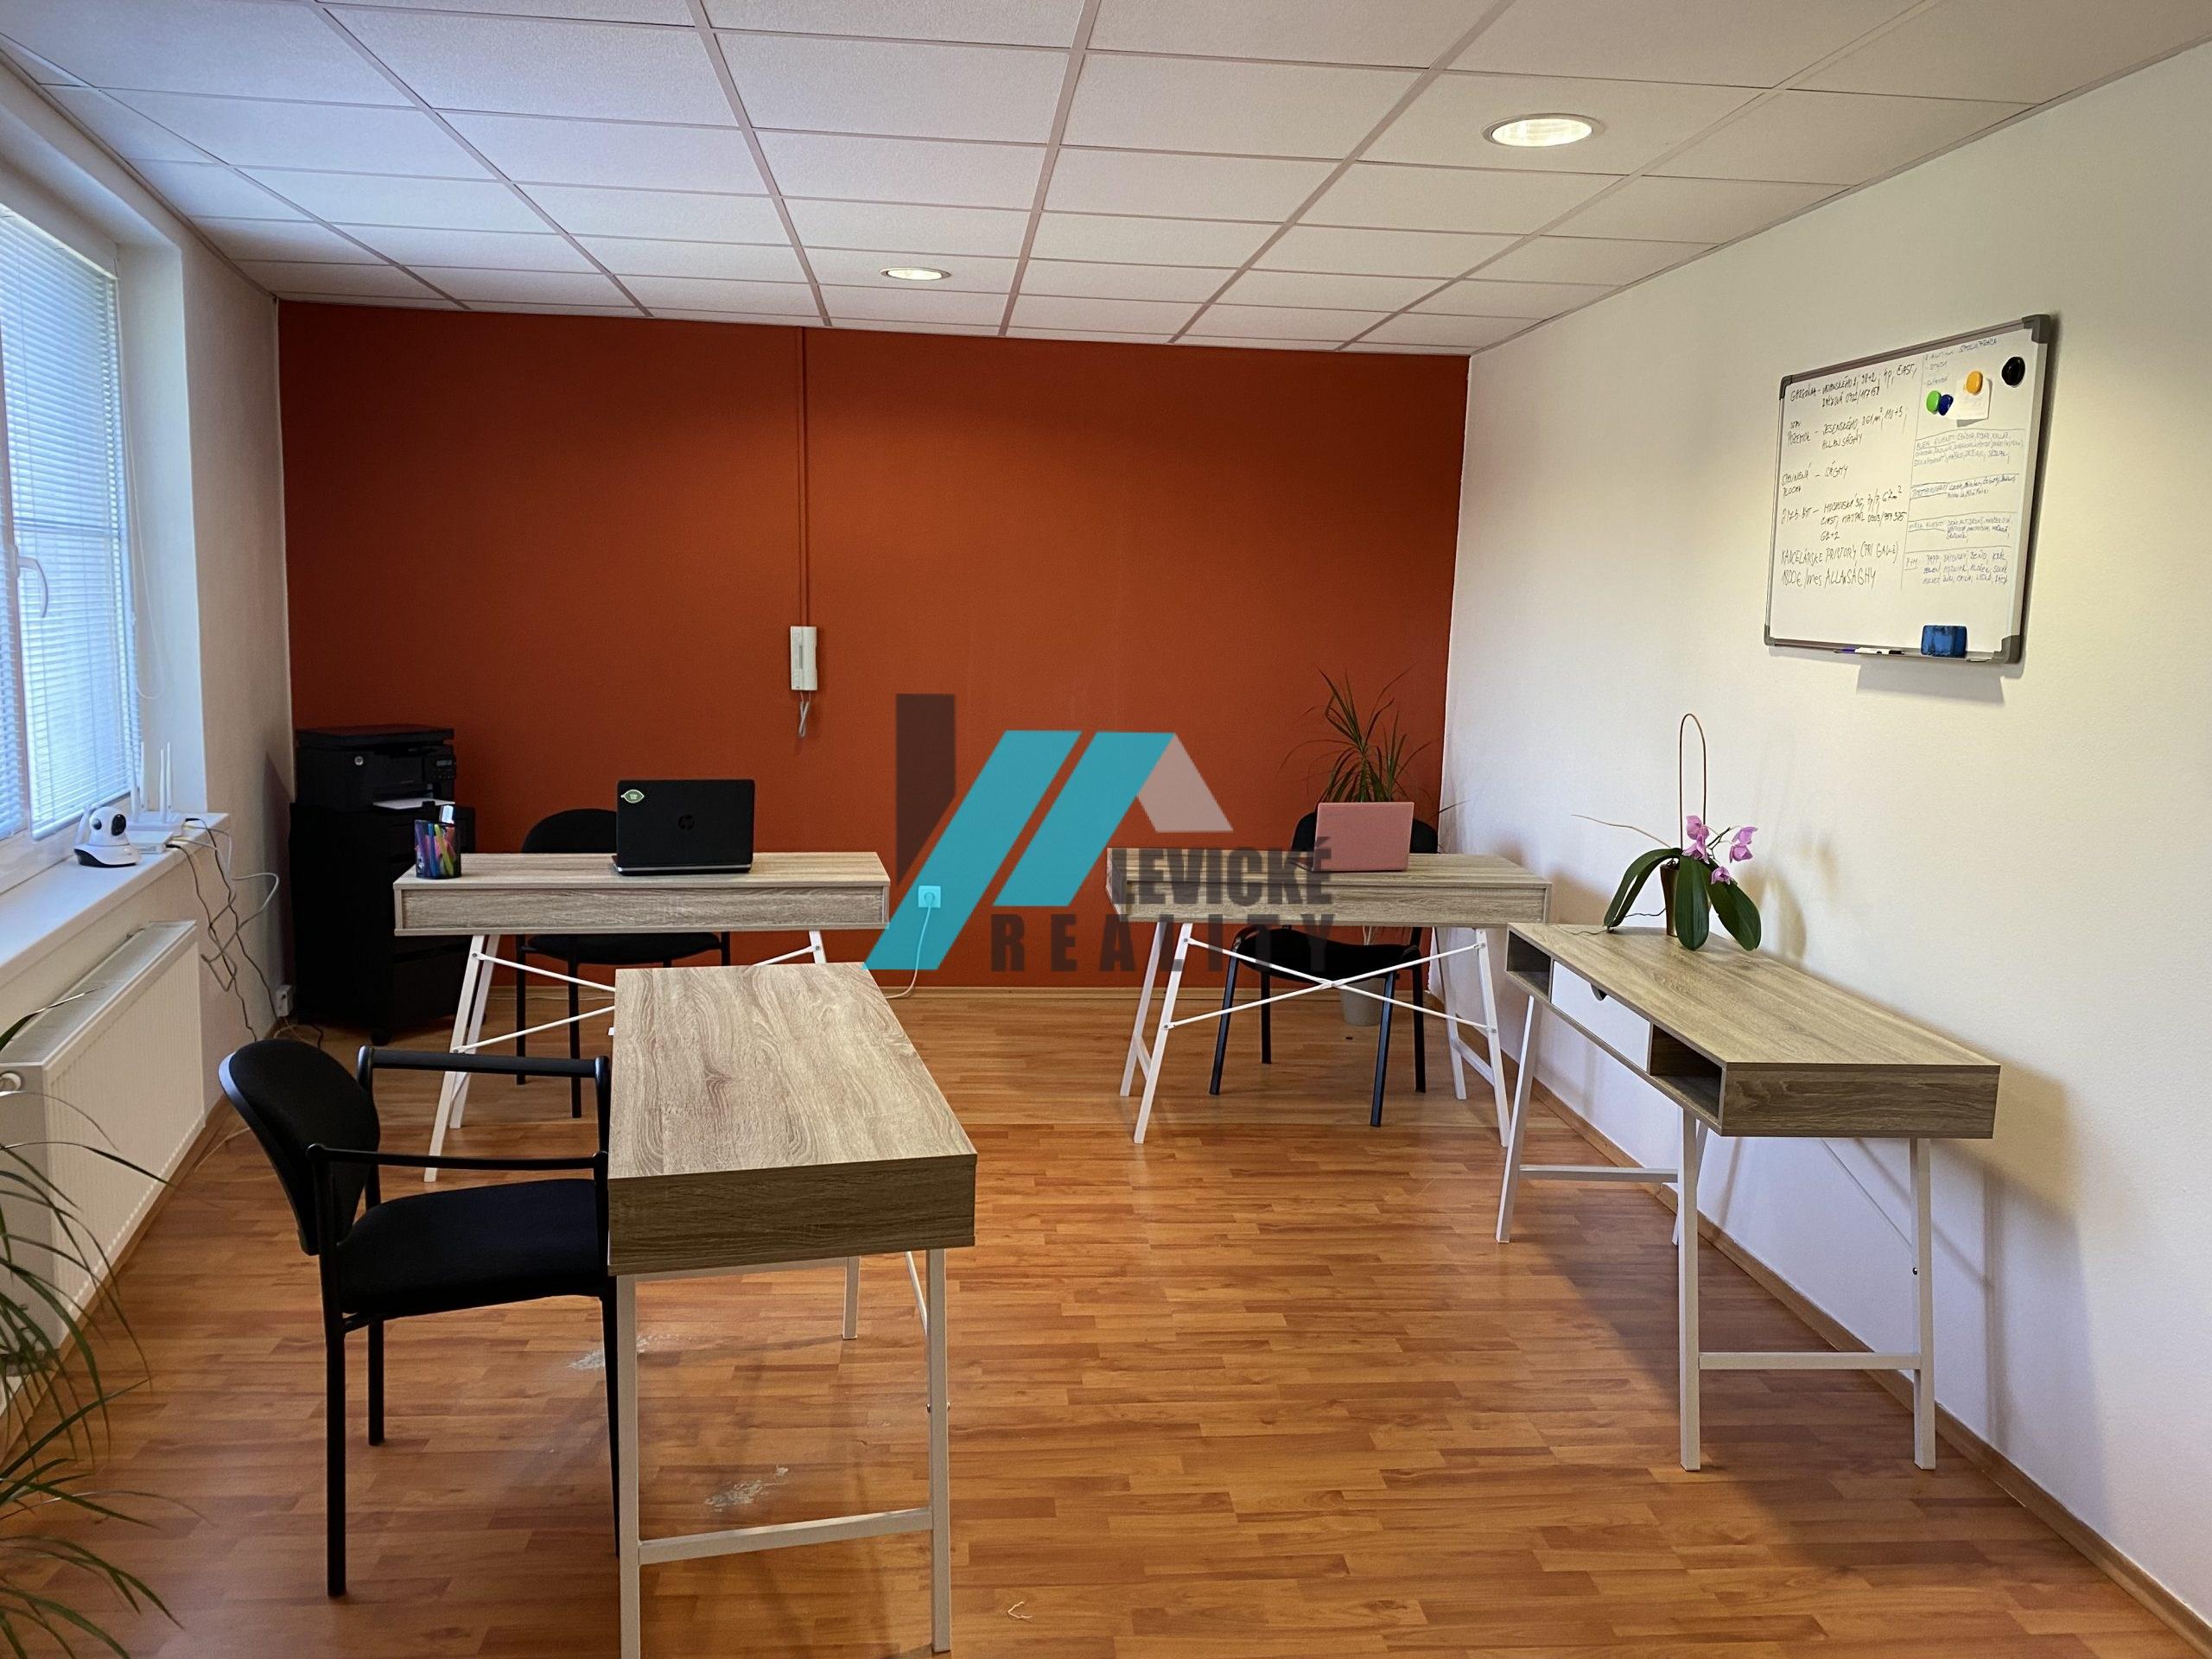 ponúkam vám do prenájmu kanceláriu v centre mesta Levice.